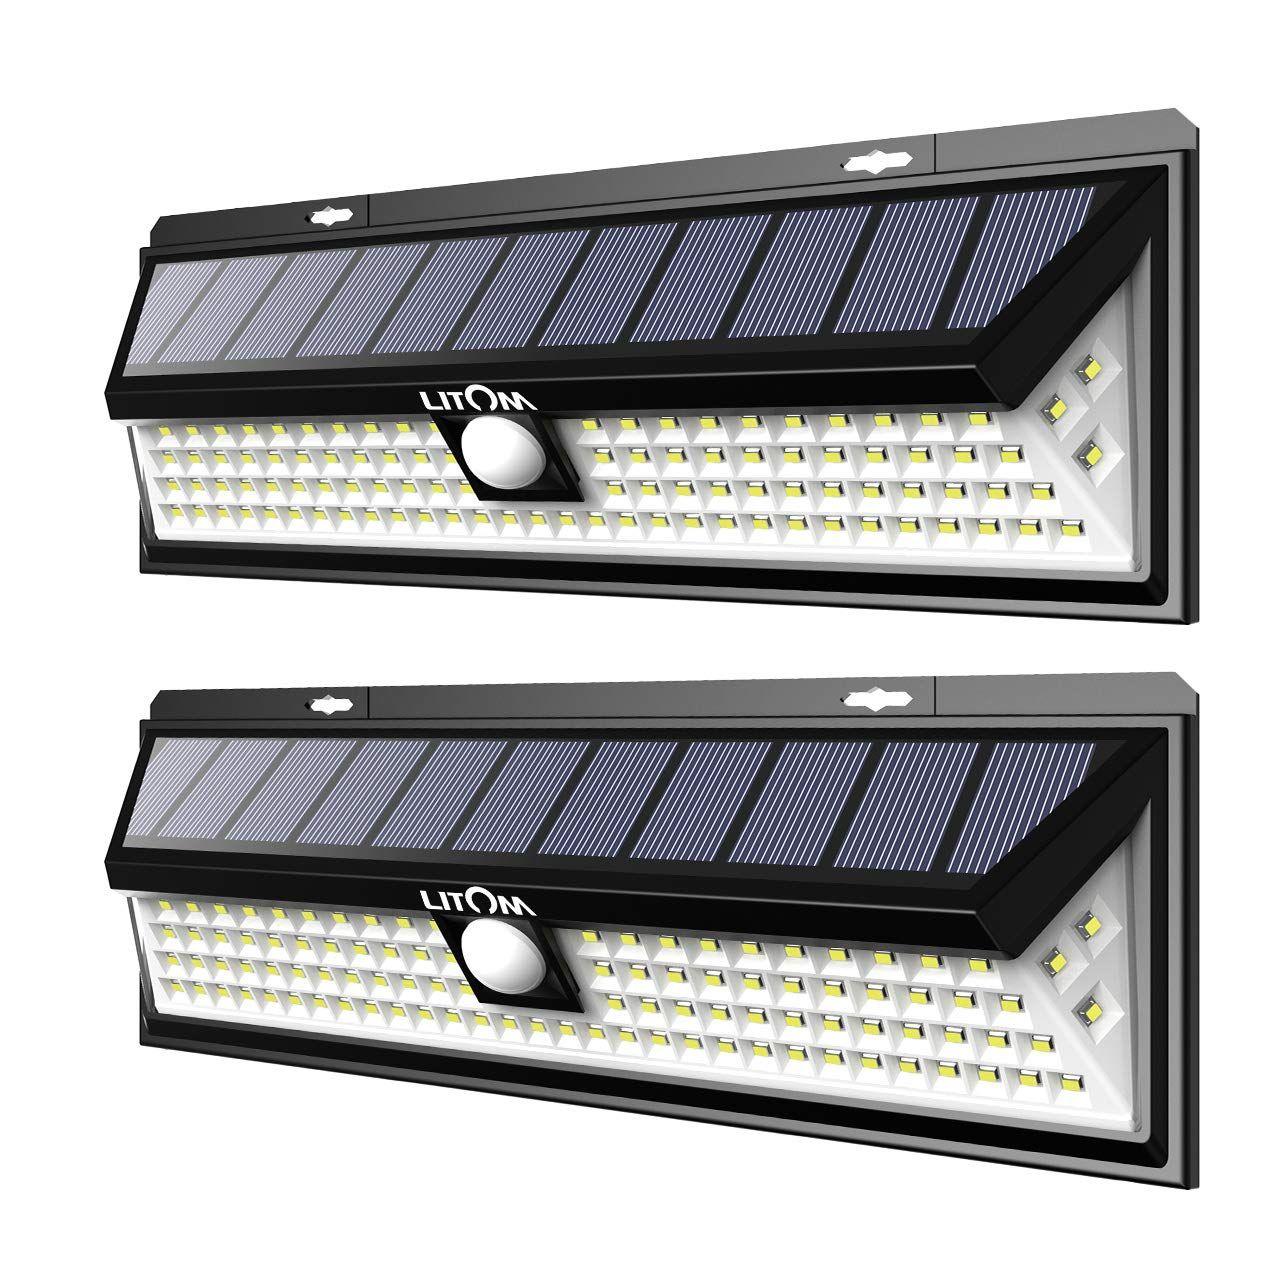 Litom Enhanced 102 Led Super Bright Solar Lights Outdoor Solar Motion Sensor Lights With 2 Outdoor Security Lights Brightest Solar Lights Motion Sensor Lights